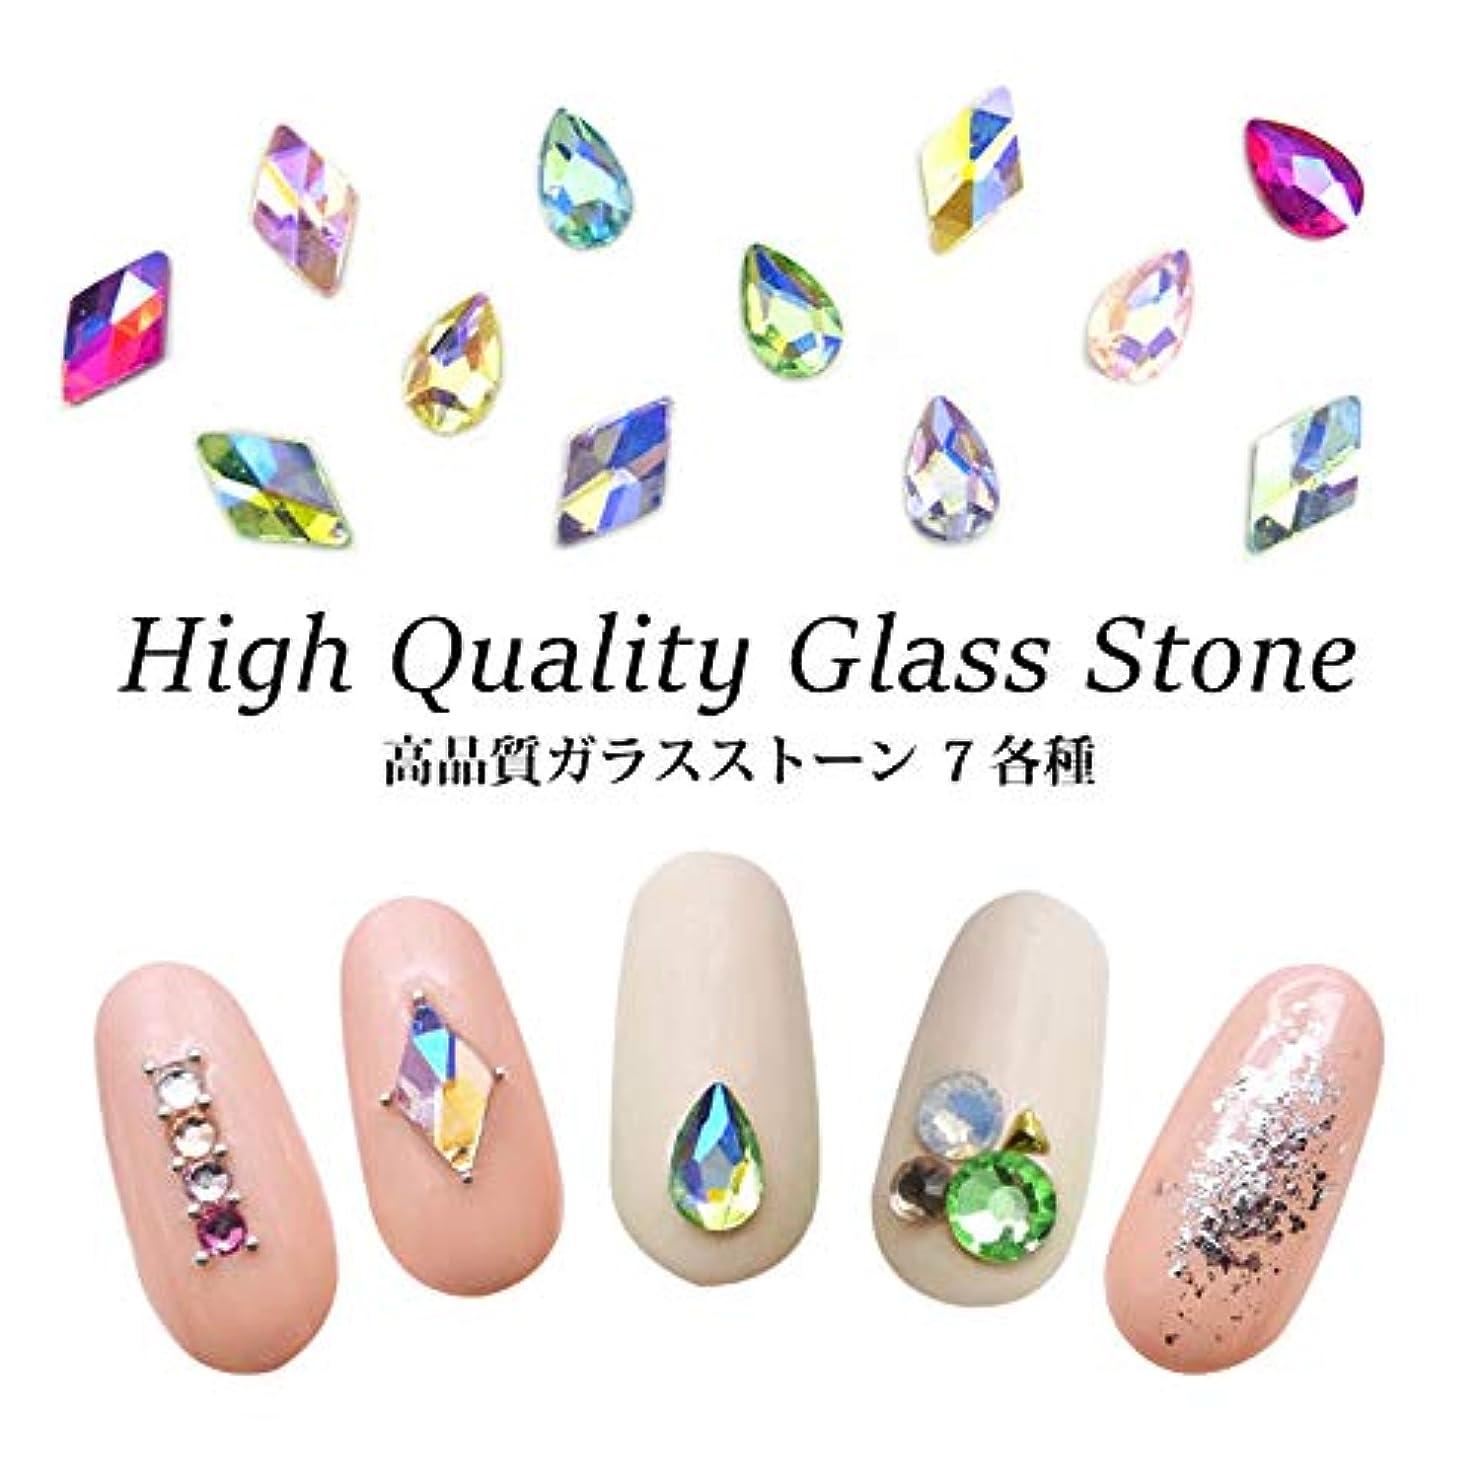 体スクワイアファイアル高品質 ガラスストーン 7 各種 5個入り (ランバス, 1.クリスタルブルームーン)